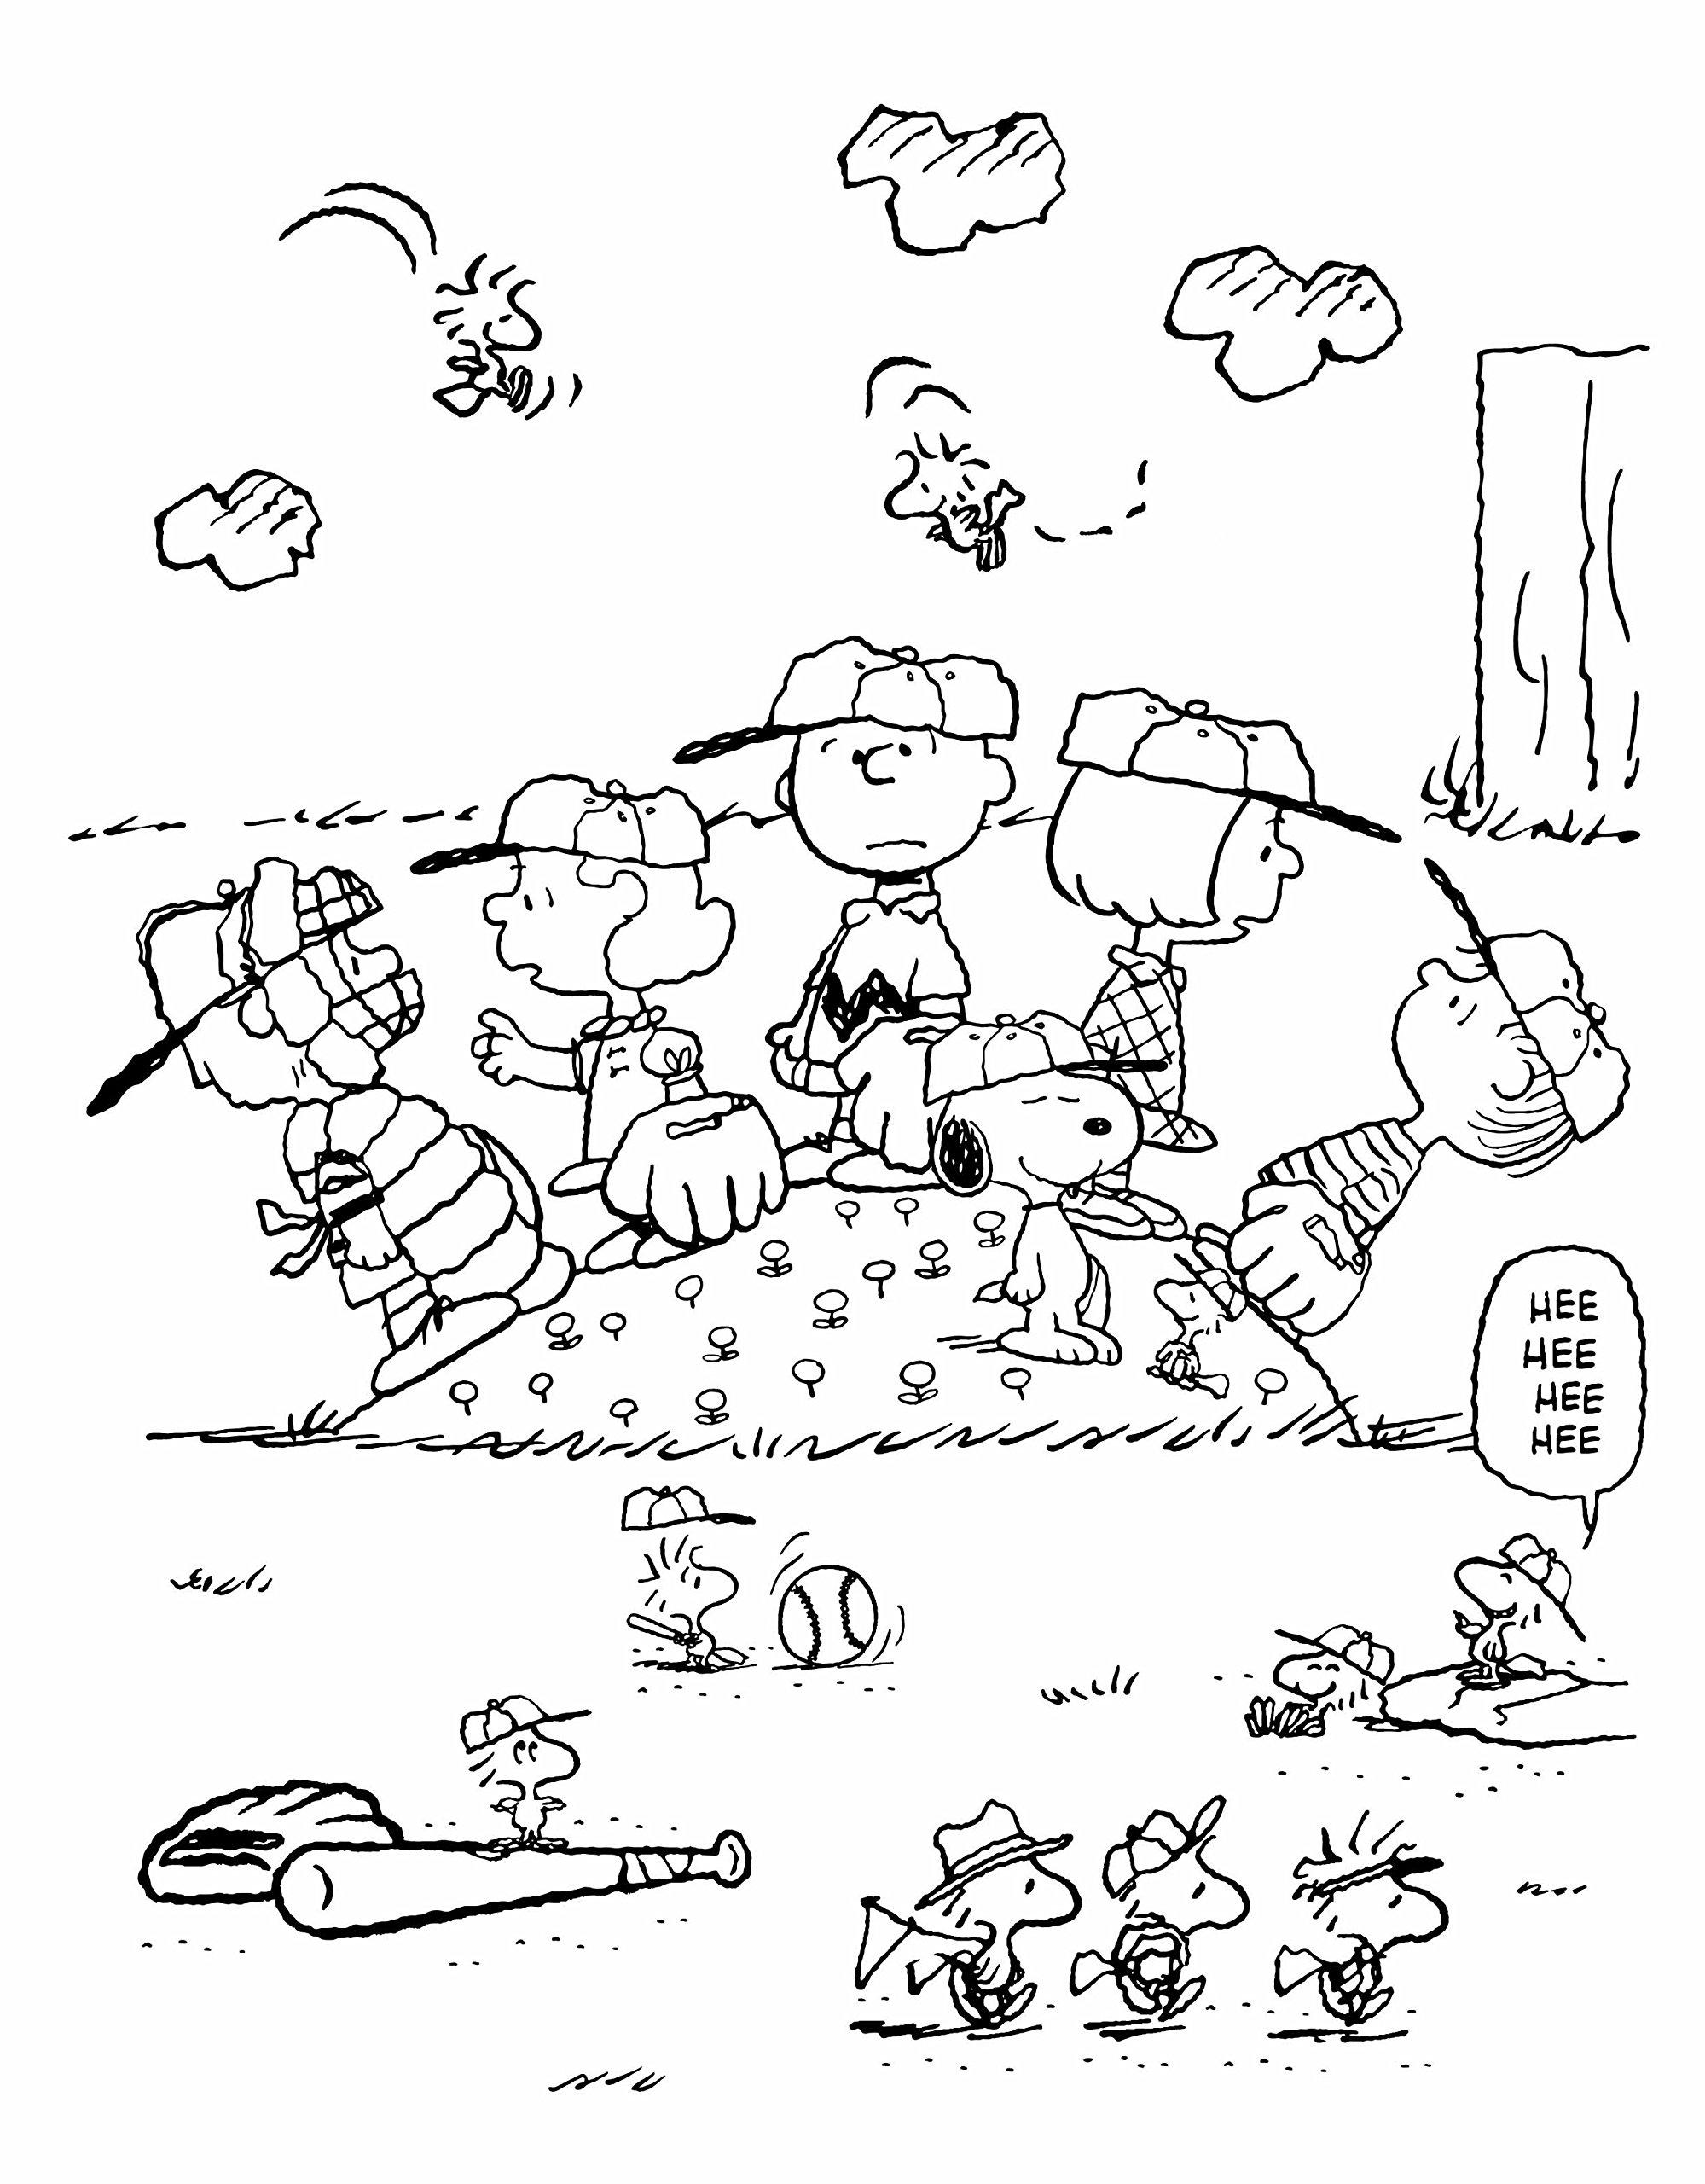 大人のぬりえ Snoopyとゆかいな仲間たち チャールズmシュルツ